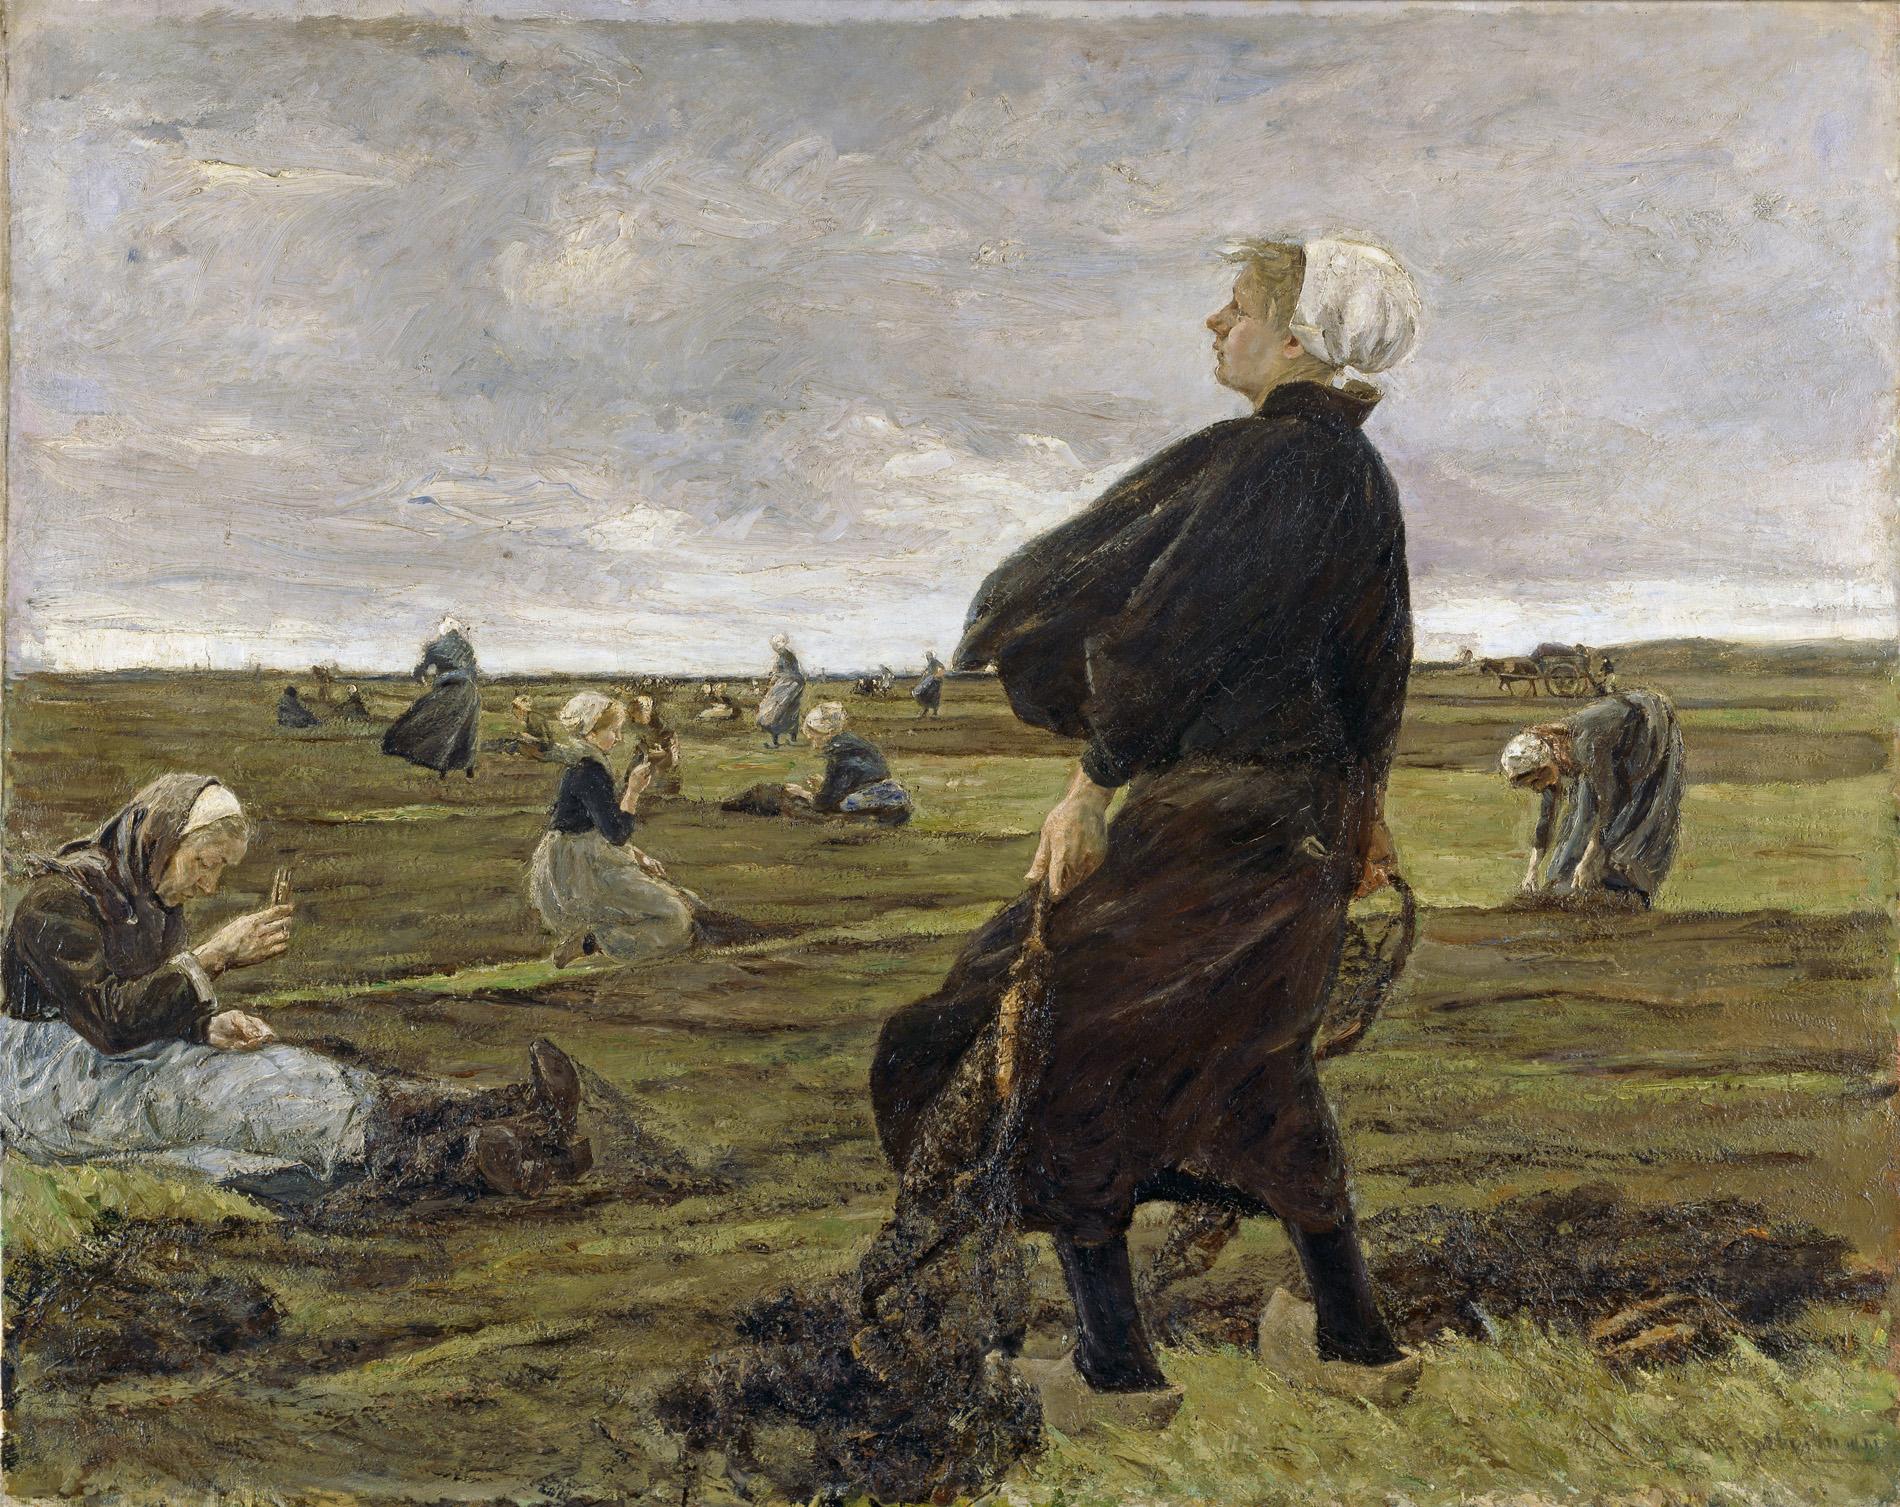 Max Liebermann, 1847 - 1935, Die Netzflickerinnen, 1887/89, 180,5 x 226 cm , Öl auf Leinwand, © Hamburger Kunsthalle / bpk Foto: Elke Walford